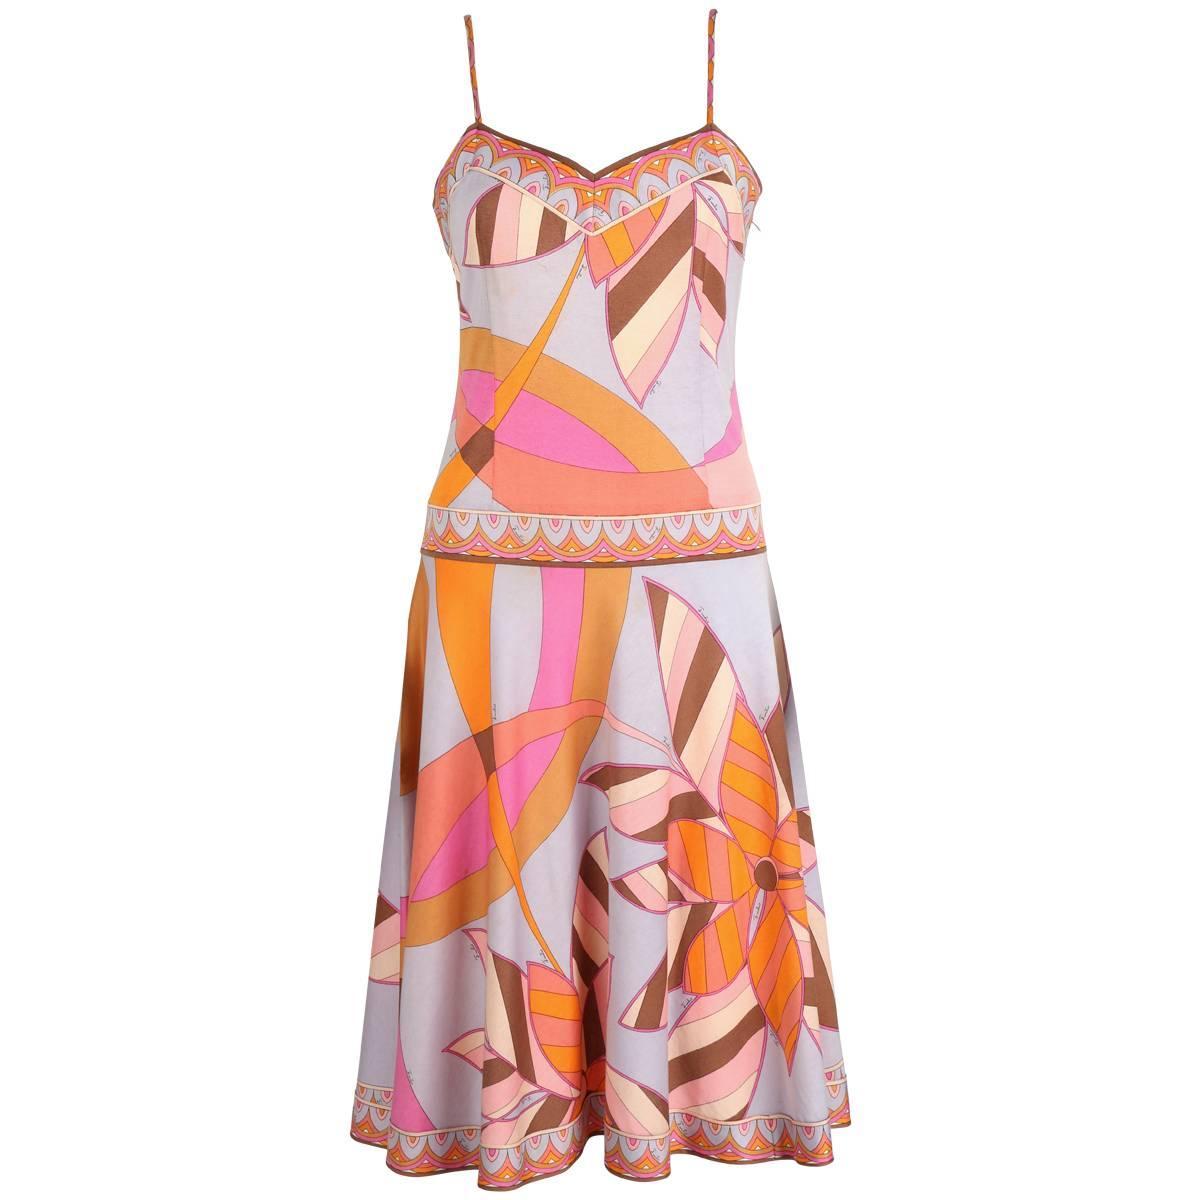 EMILIO PUCCI c.1970s Multicolor Floral Print Cotton Jersey Drop Waist Sundress